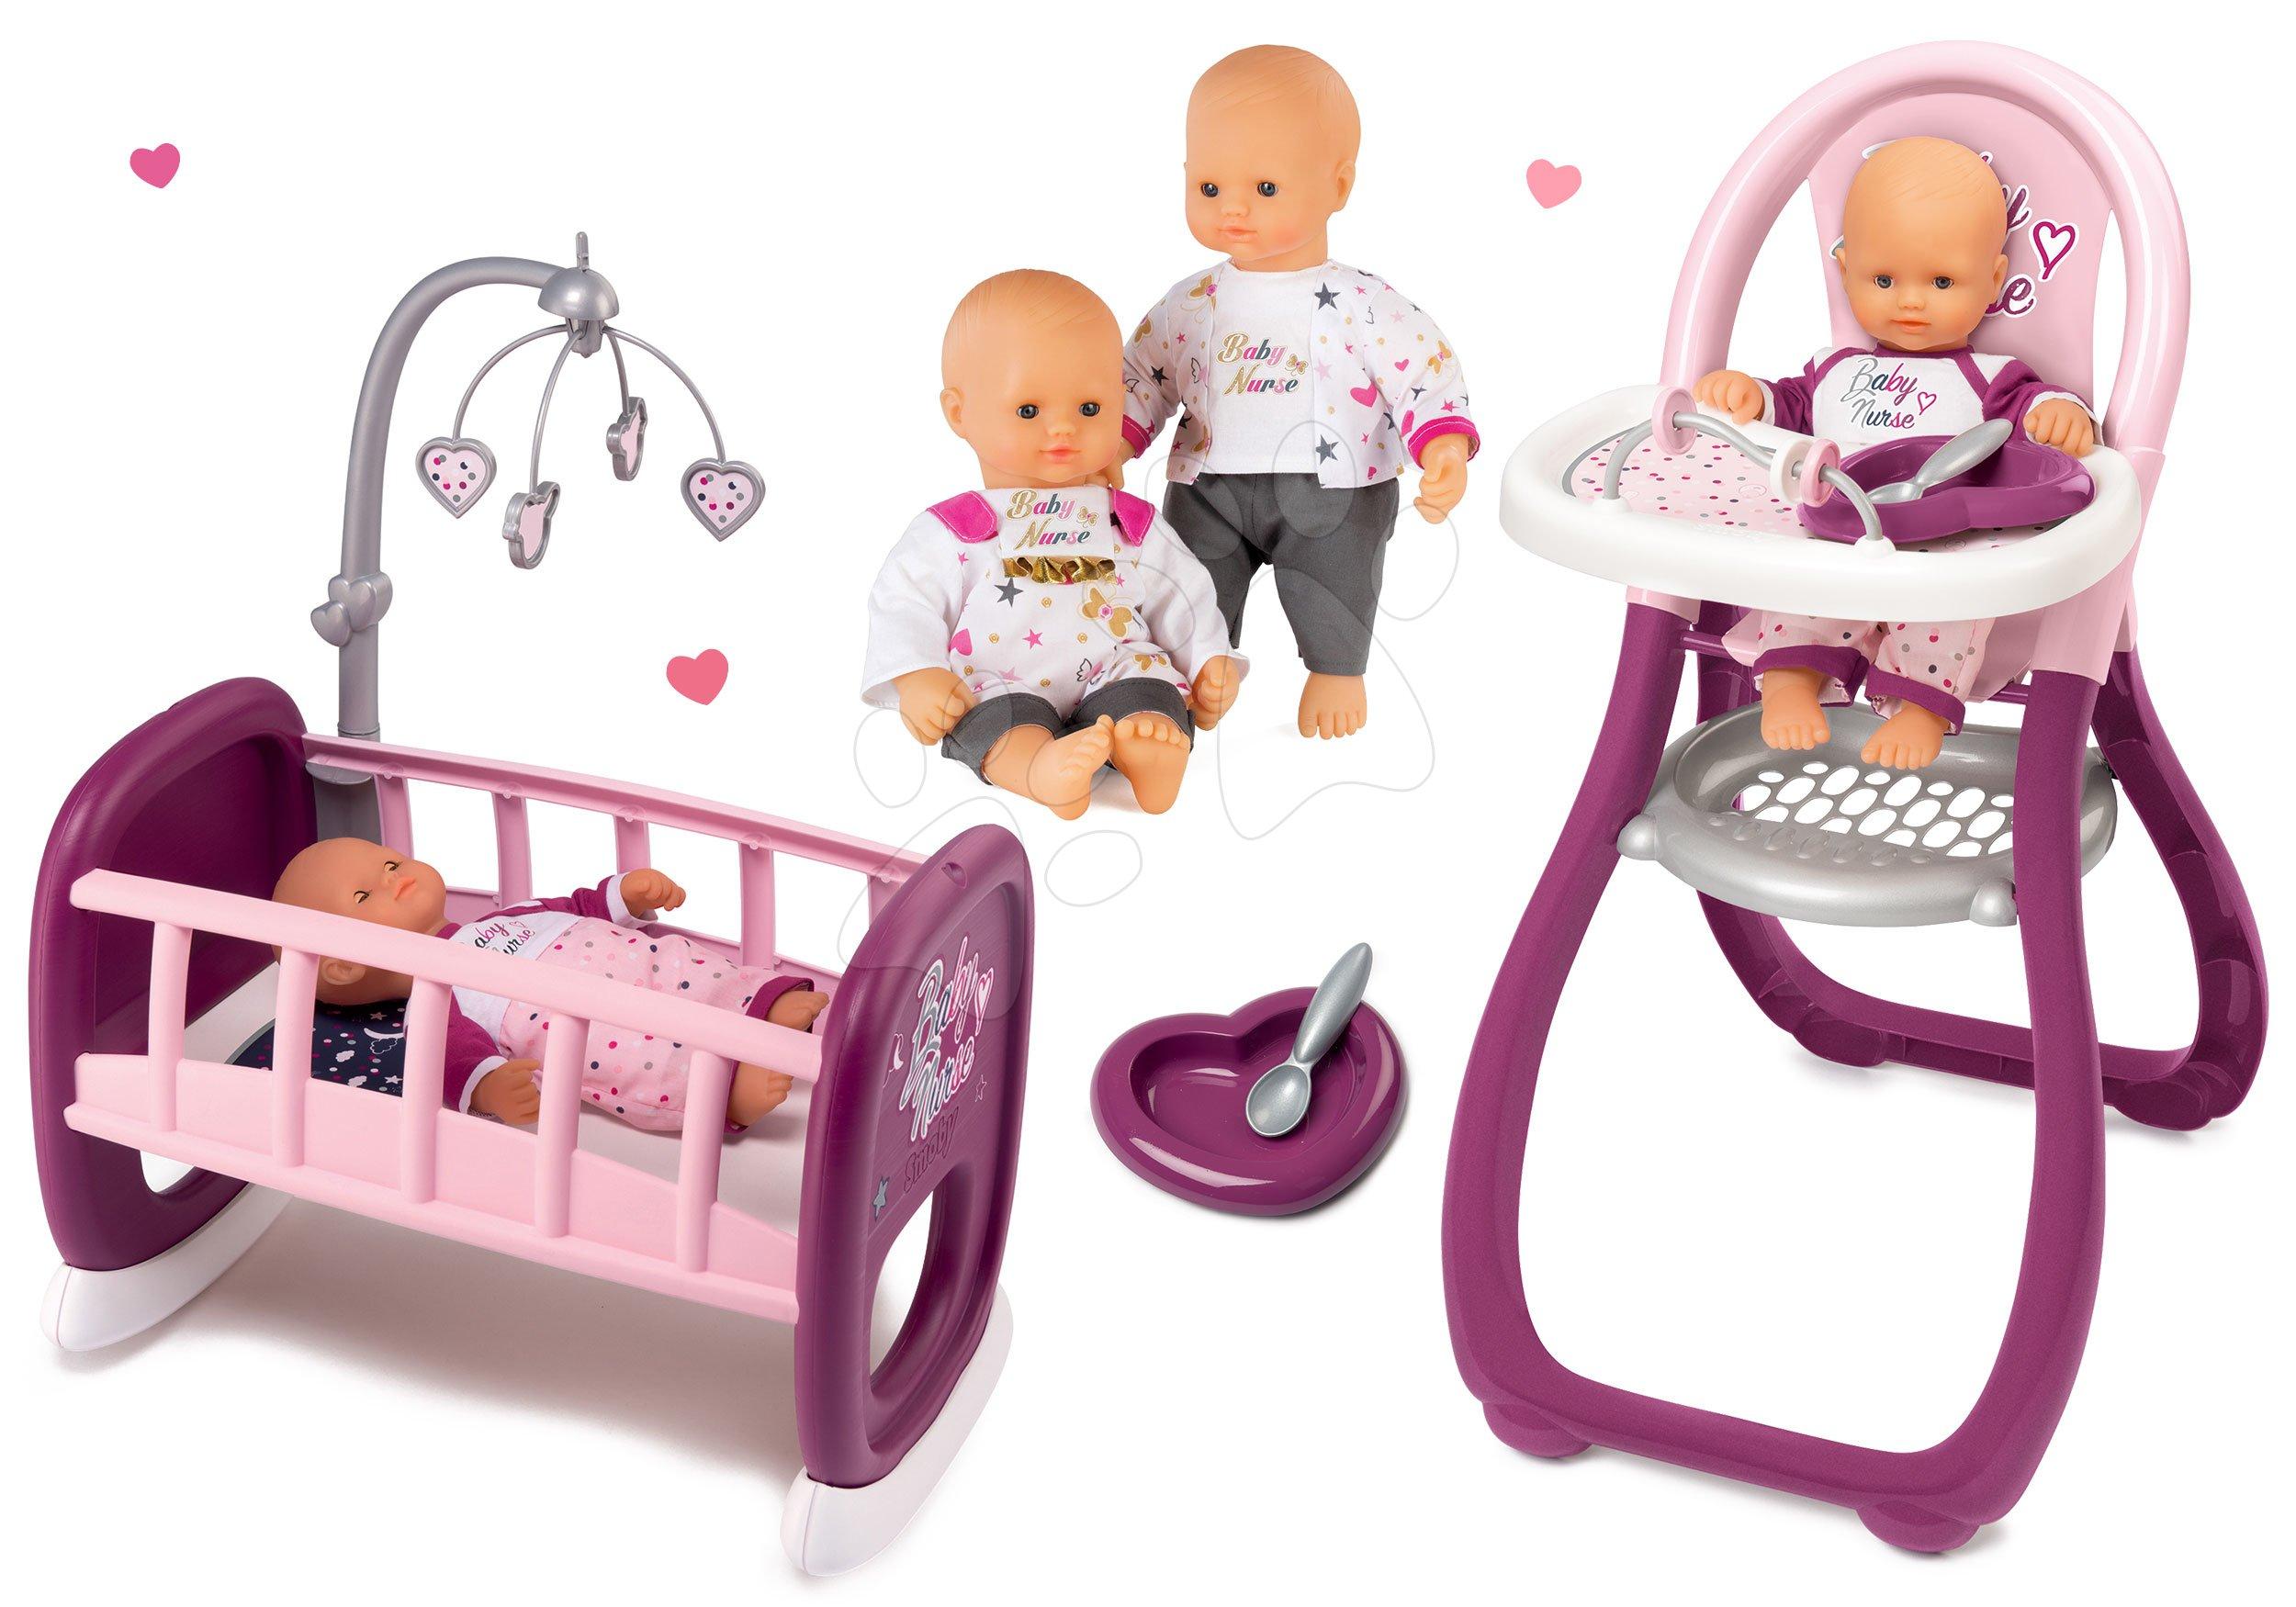 Set panenka Baby Nurse Zlatá edice Smoby 32 cm, jídelní židle a kolébka pro panenku s kolotočem od 24 měsíců